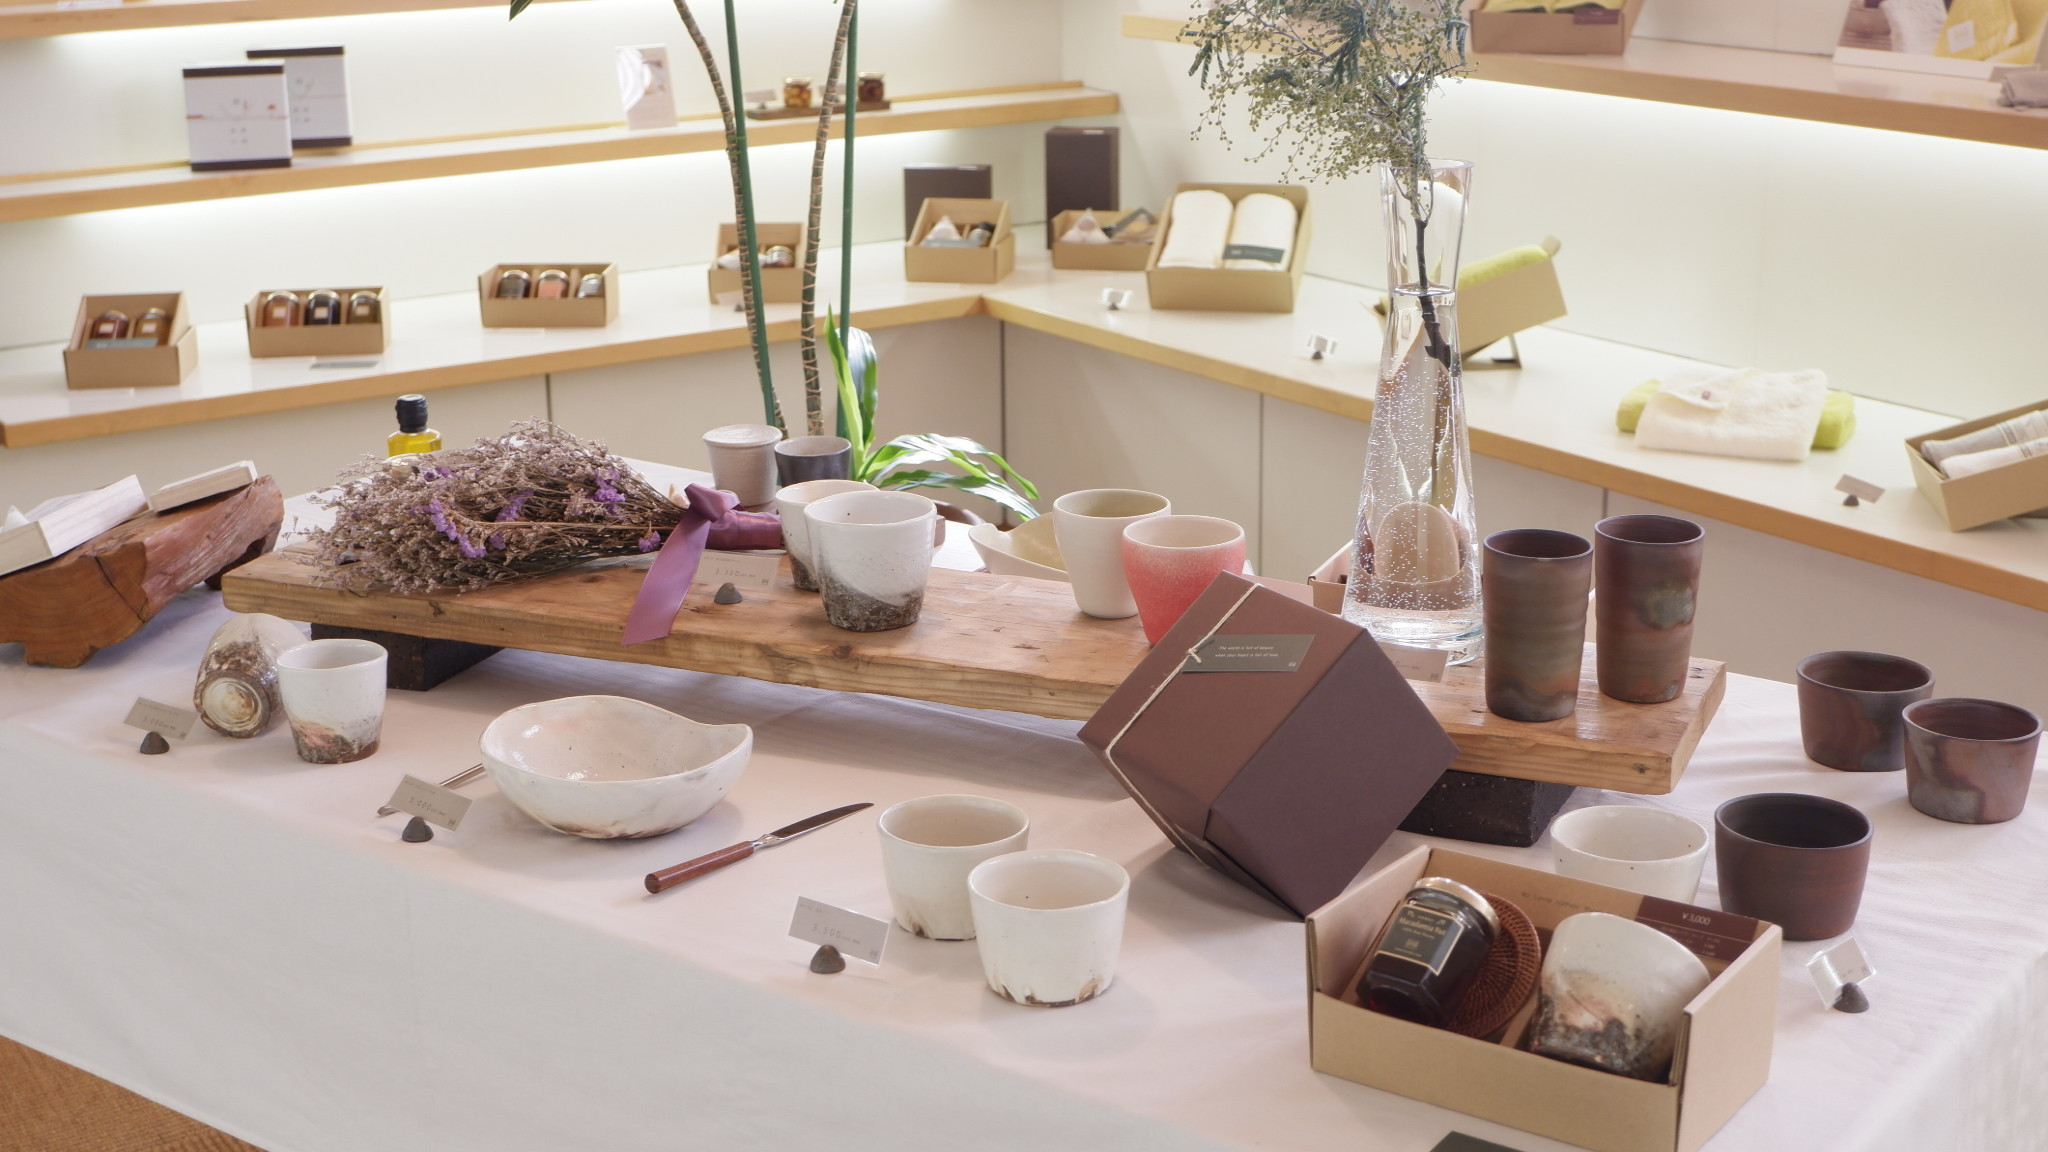 紅茶とうつわの店 MAORIコーナー展示かえ_f0328051_14252583.jpg